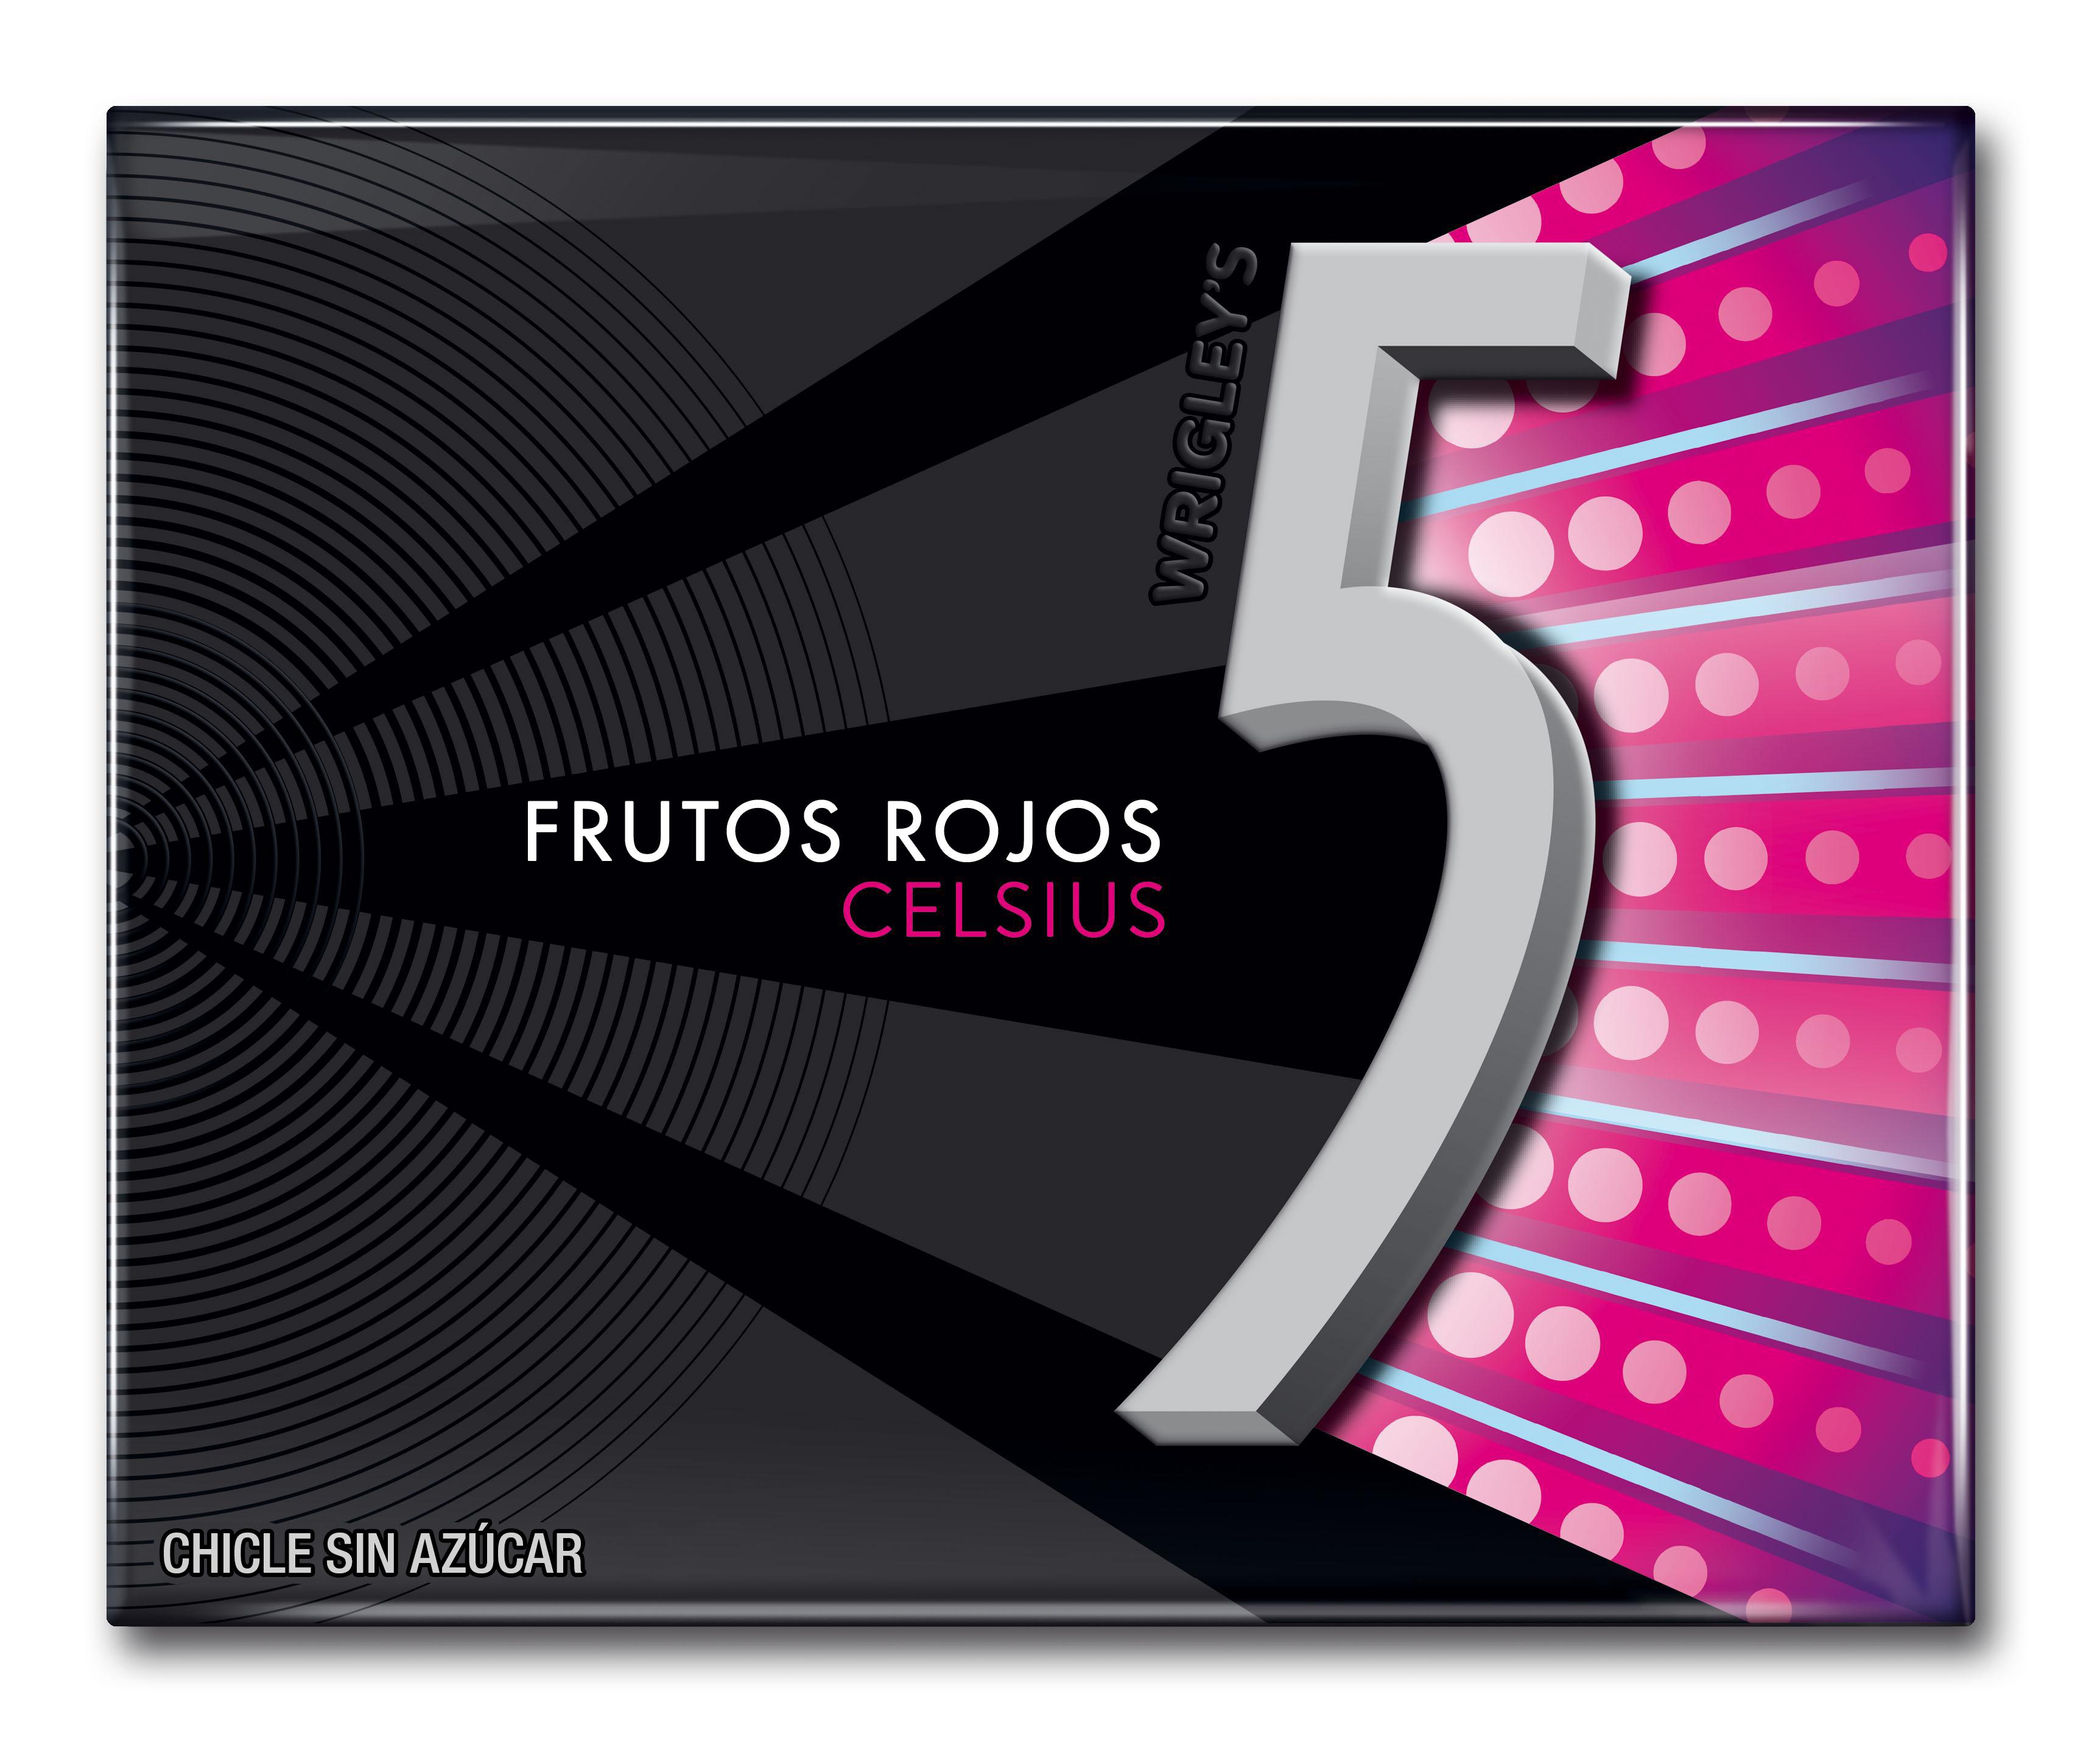 FIVE CELSIUS FRUTOS ROJOS 29GR